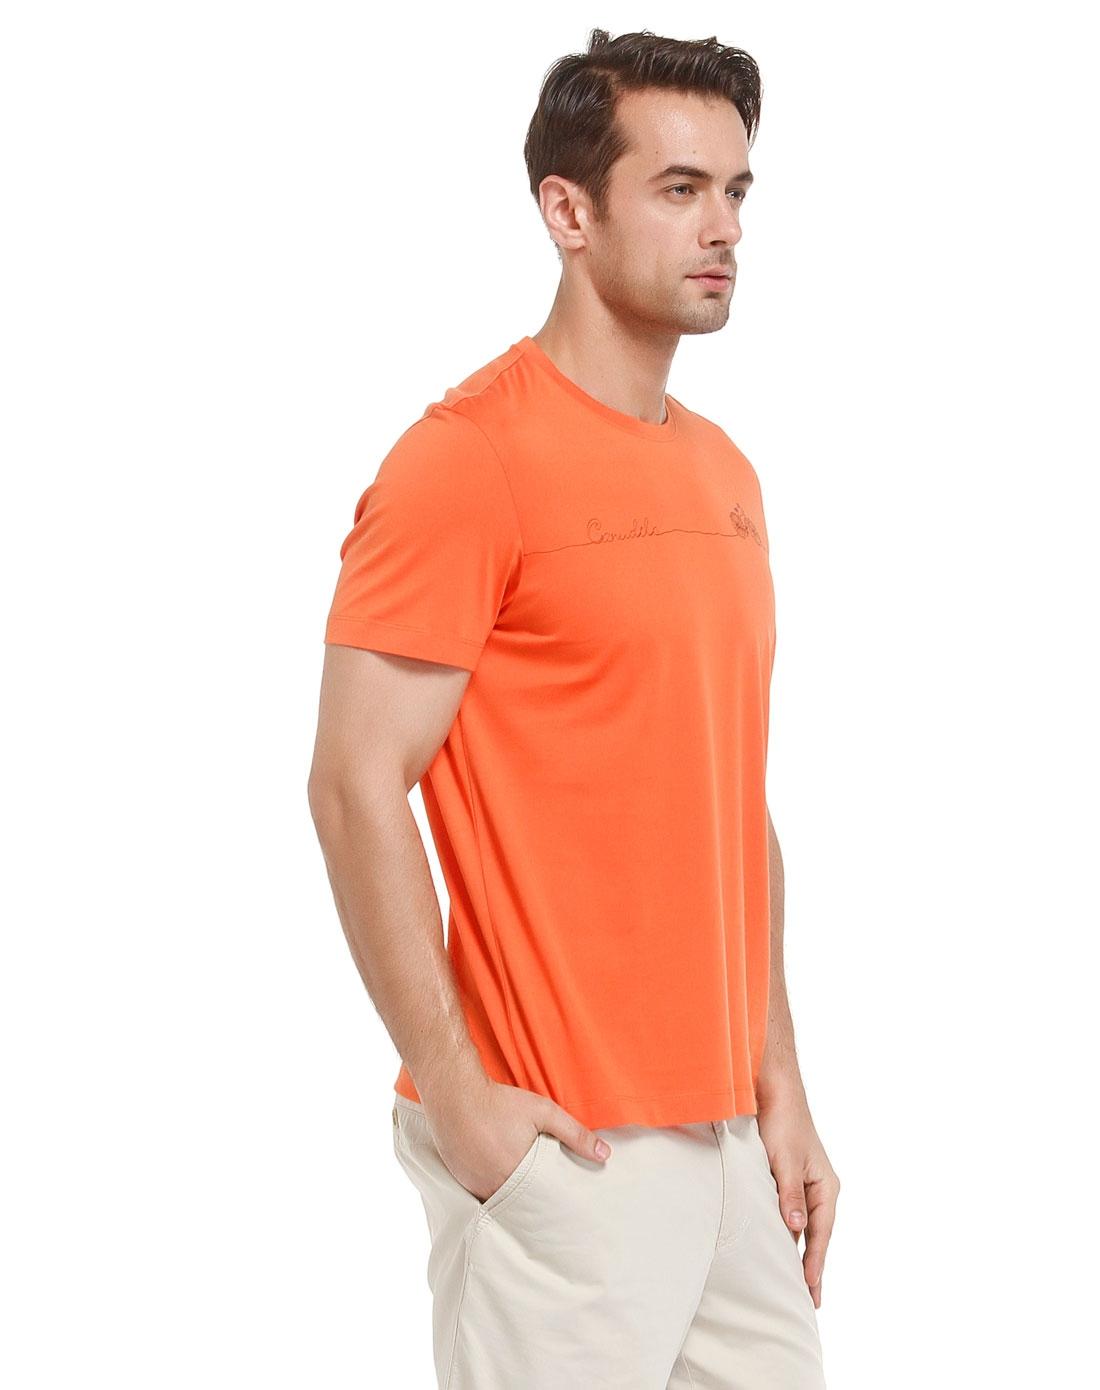 橙色休闲圆领短袖t恤